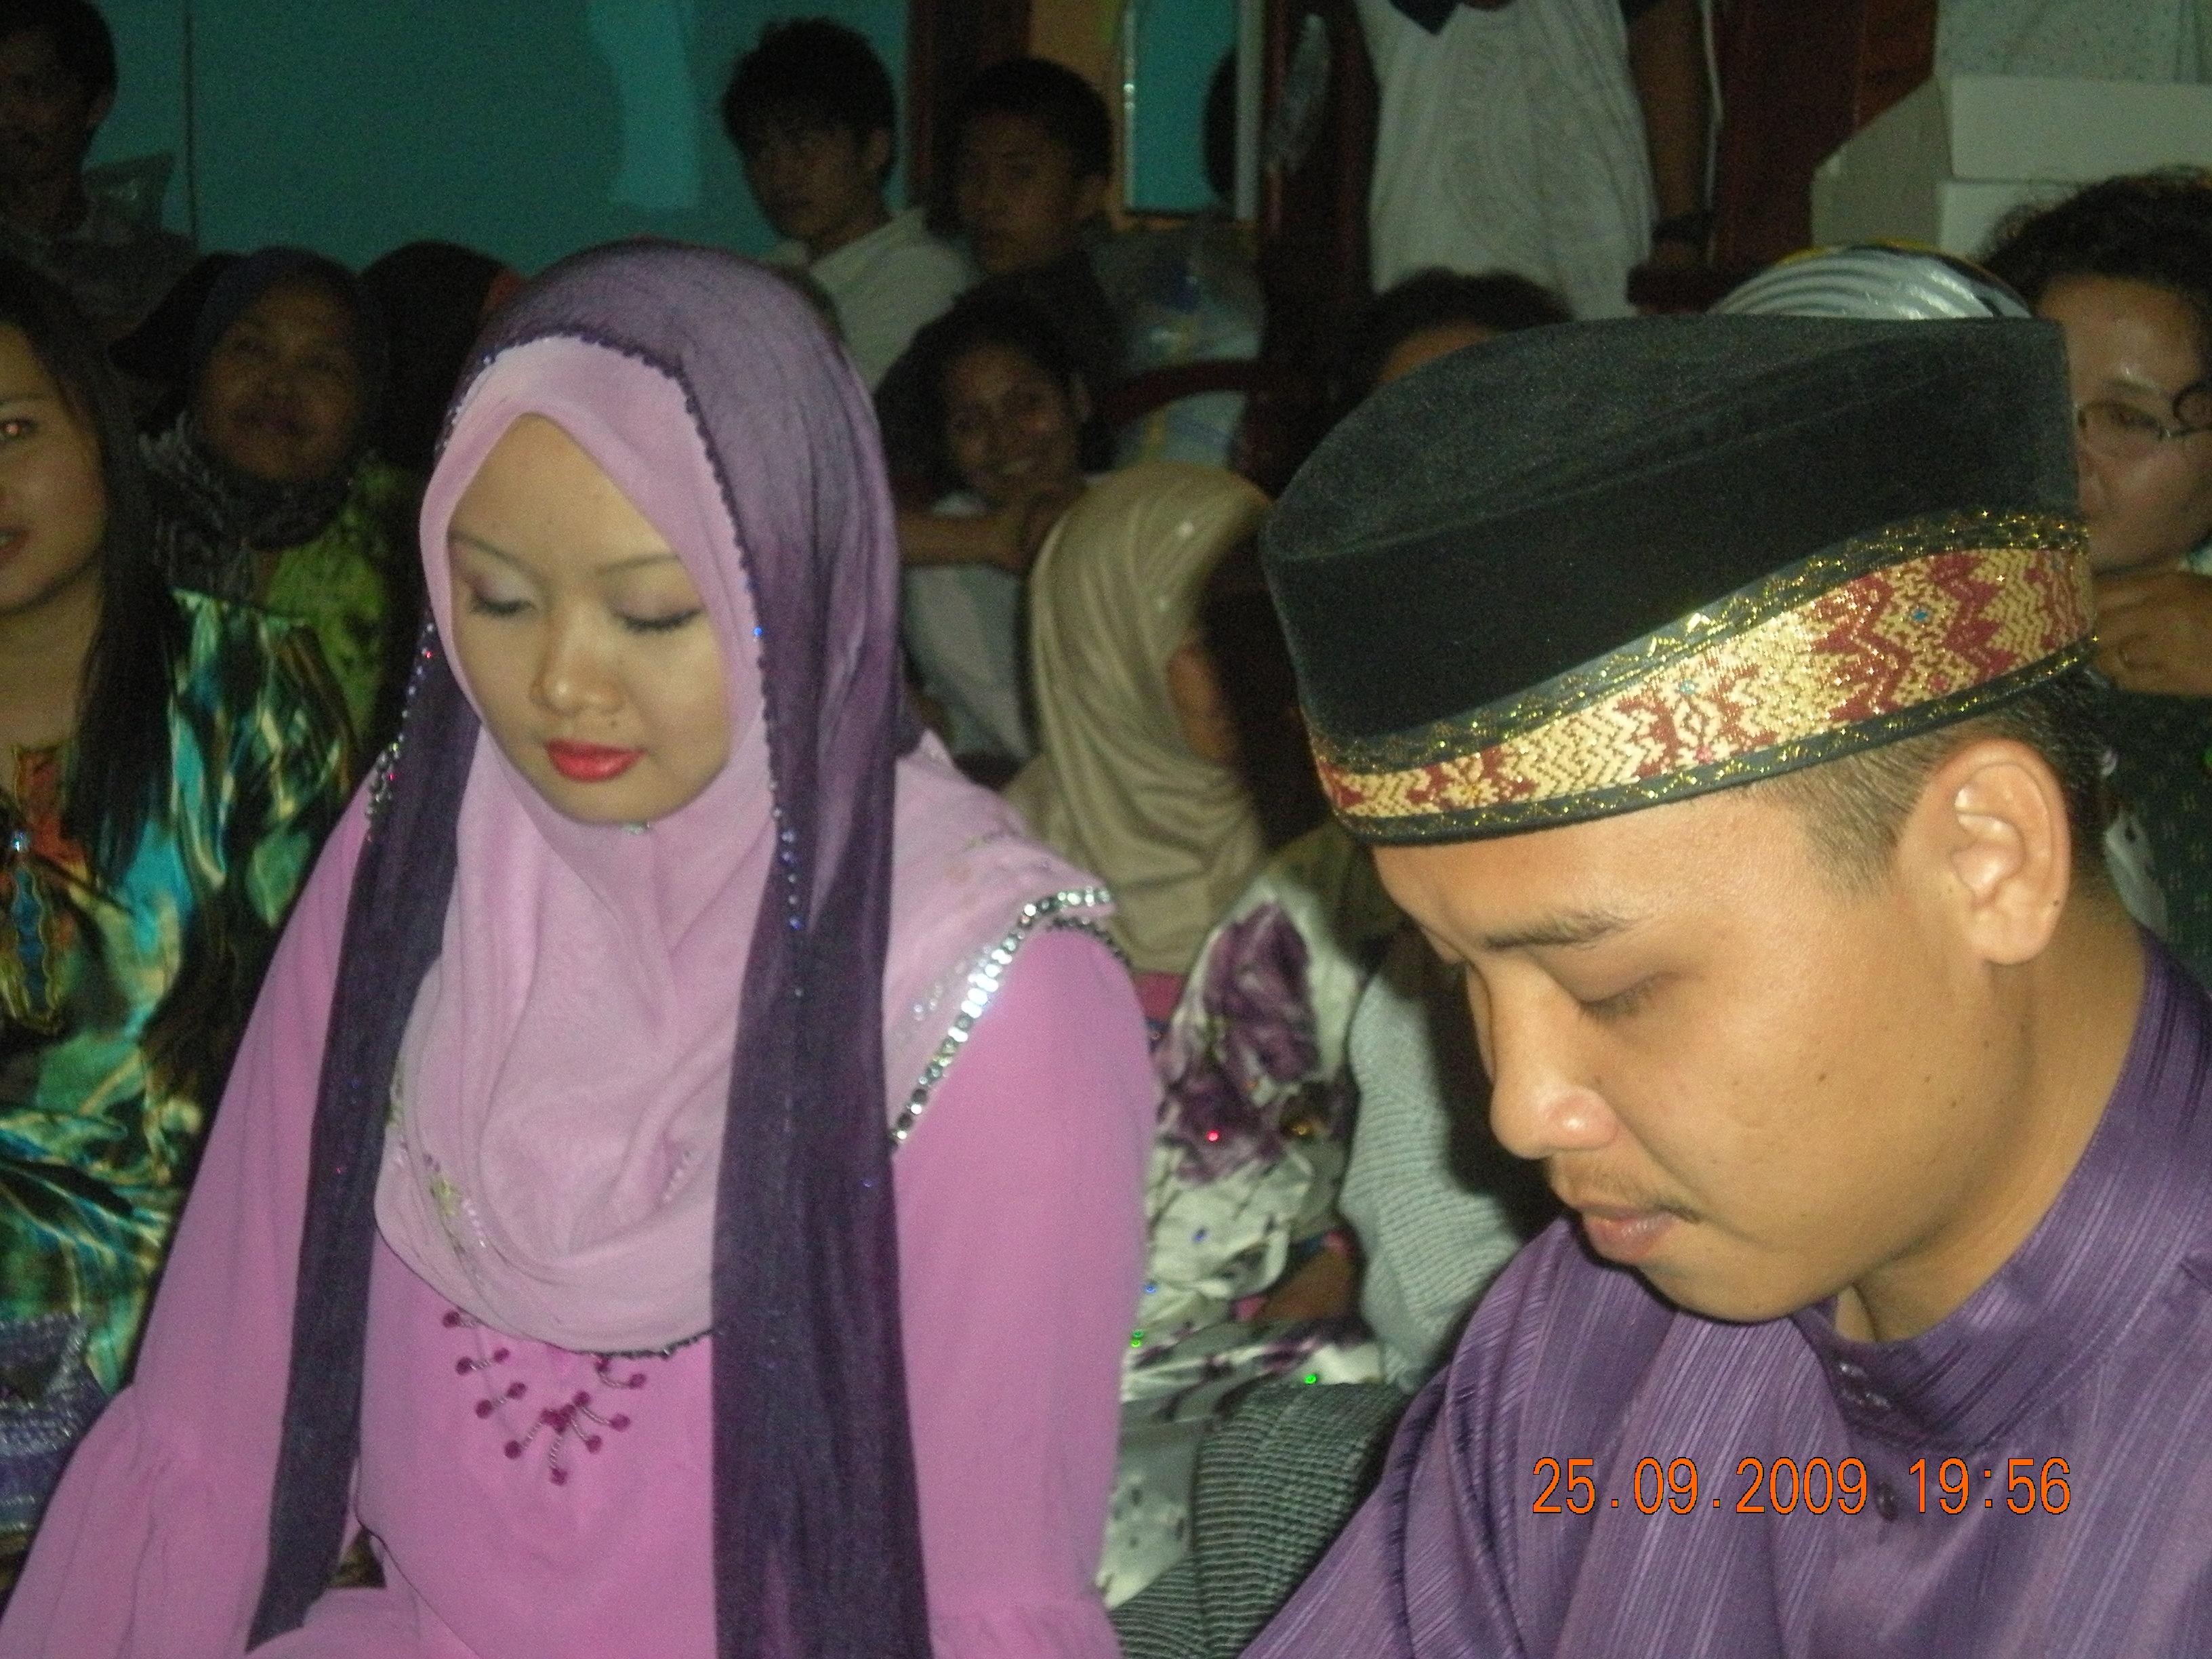 Suzieyanti dan Muhd Shahfyezan kini sah sebagai suami isteri. Selamat melayari bahtera rumahtangga